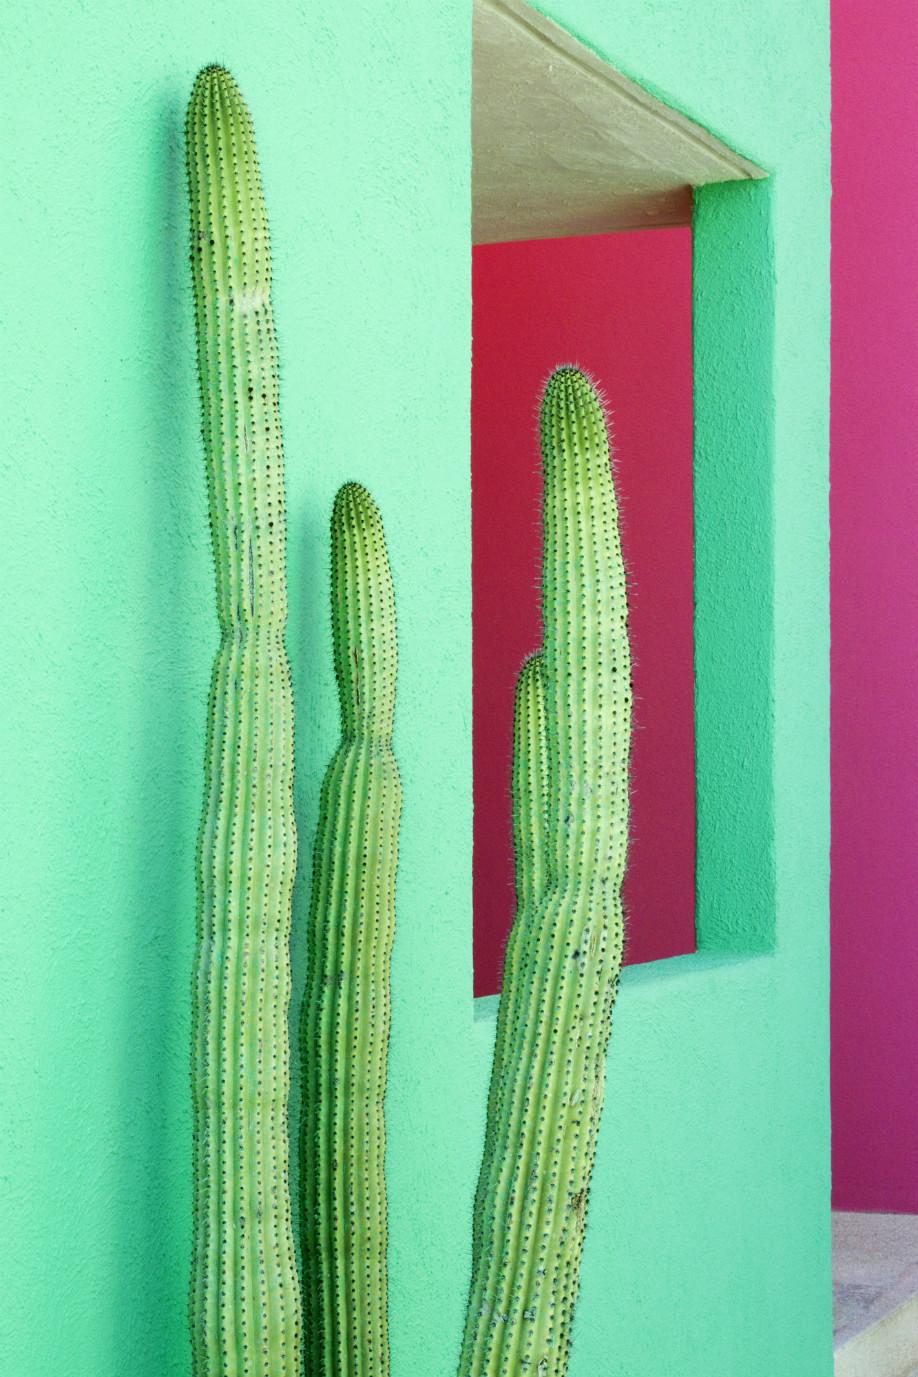 westwing-frida-kahlo-cactus